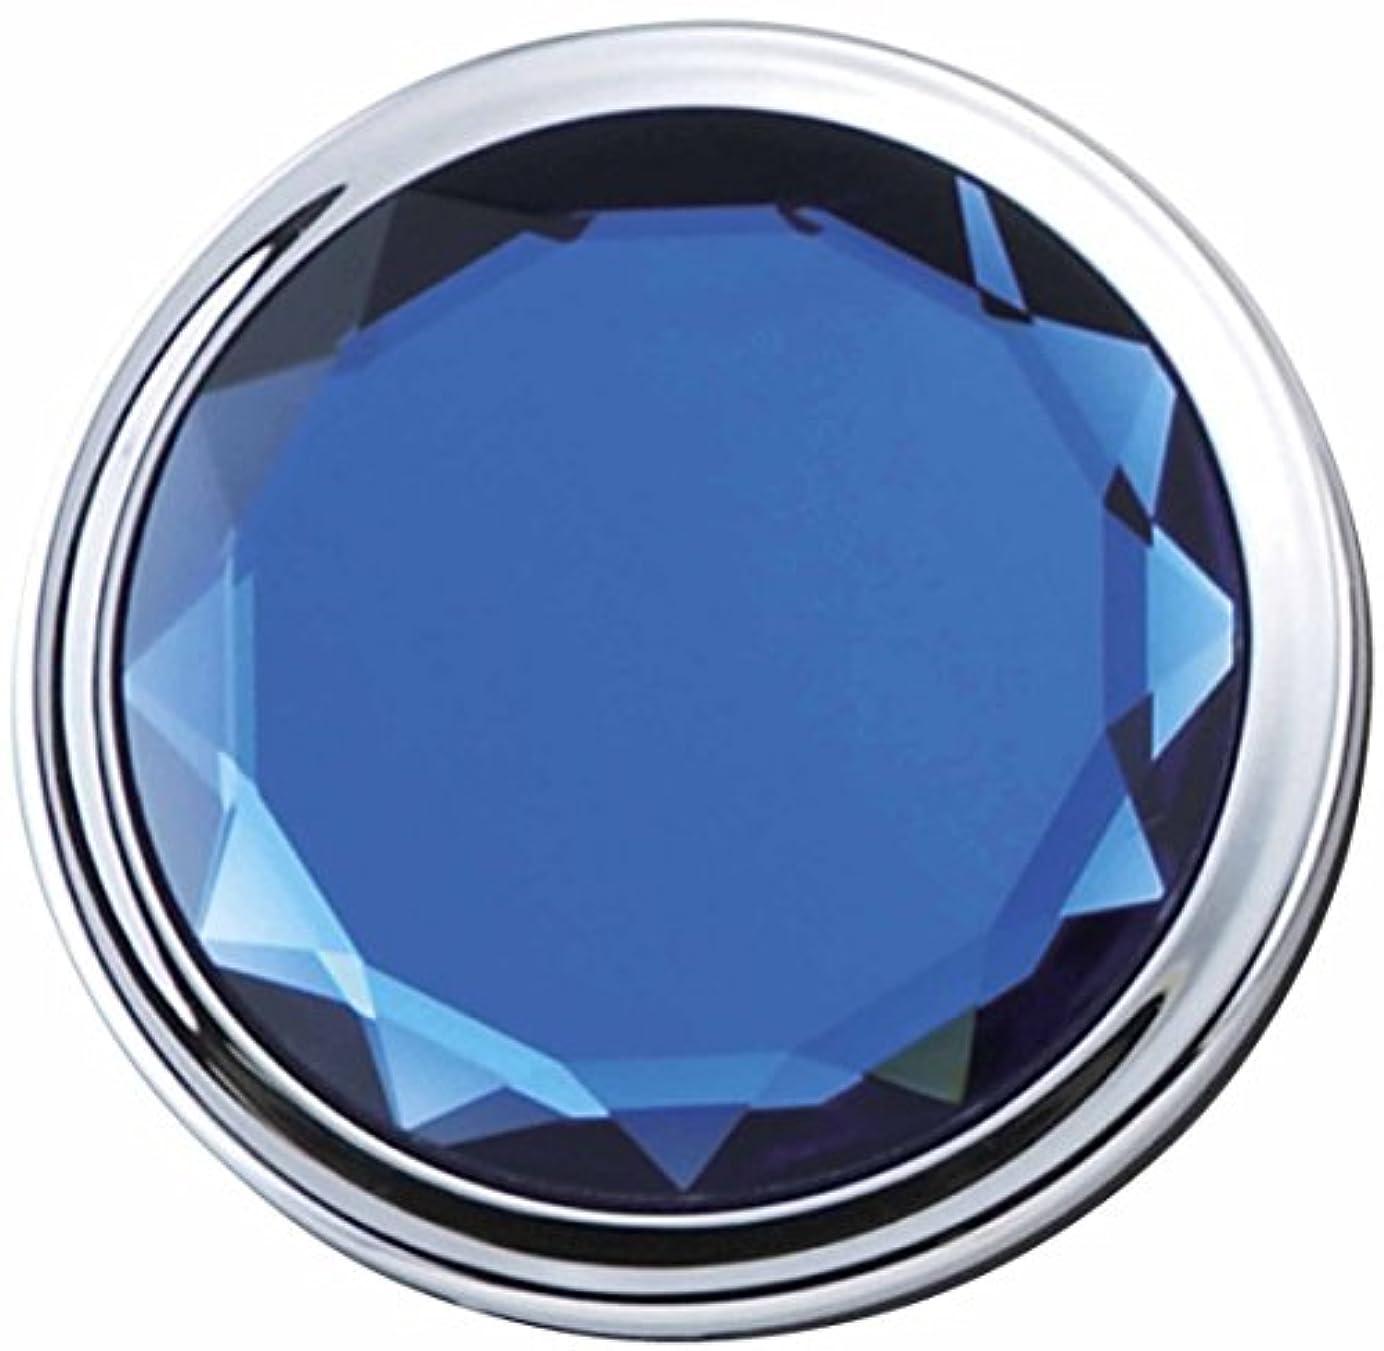 桃報復するゴシップメトリックス JEWEL color コンパクト ミラー ブルー 等倍 & 2倍 拡大鏡 es